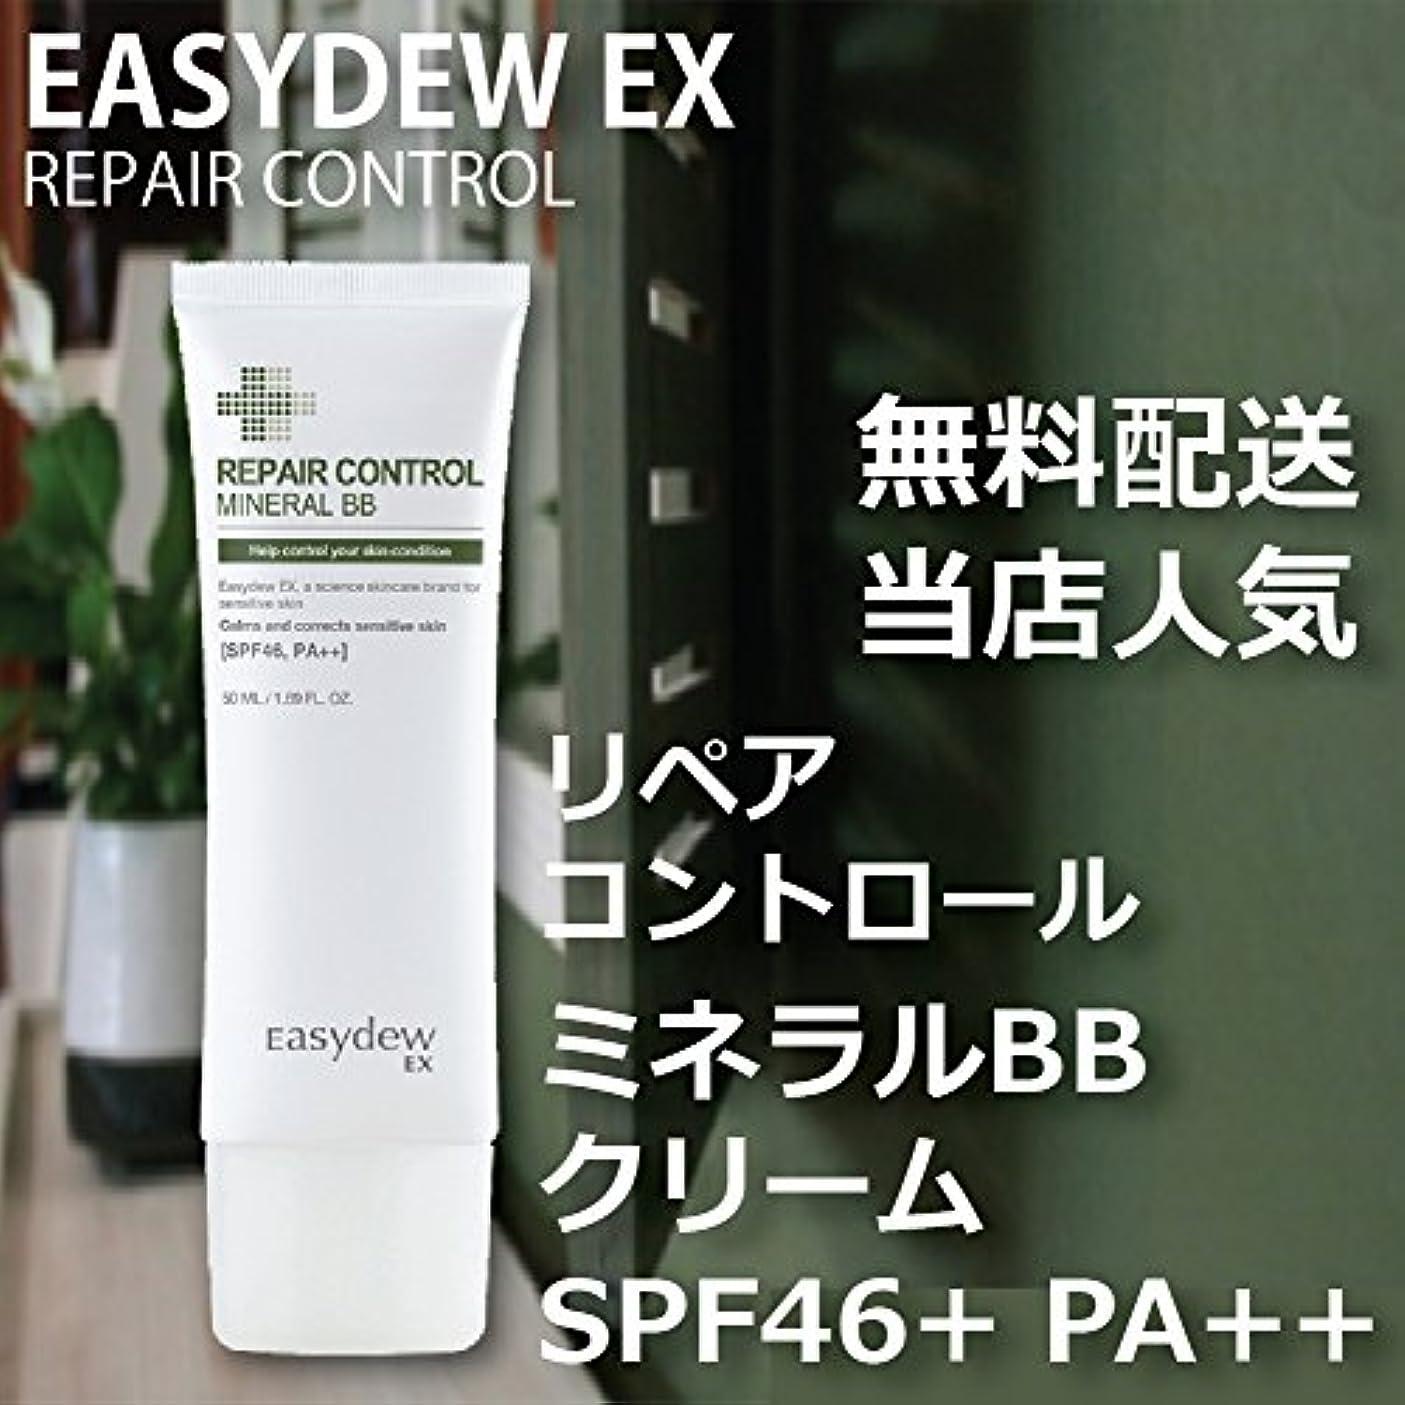 下着失礼演じるEASY DEW EX ミネラル BBクリーム SPF46+ PA++ 50ml MINRAL BB CREAM 韓国 人気 コスメ イージーデュー 敏感 乾燥 美白 しわ 3重機能性